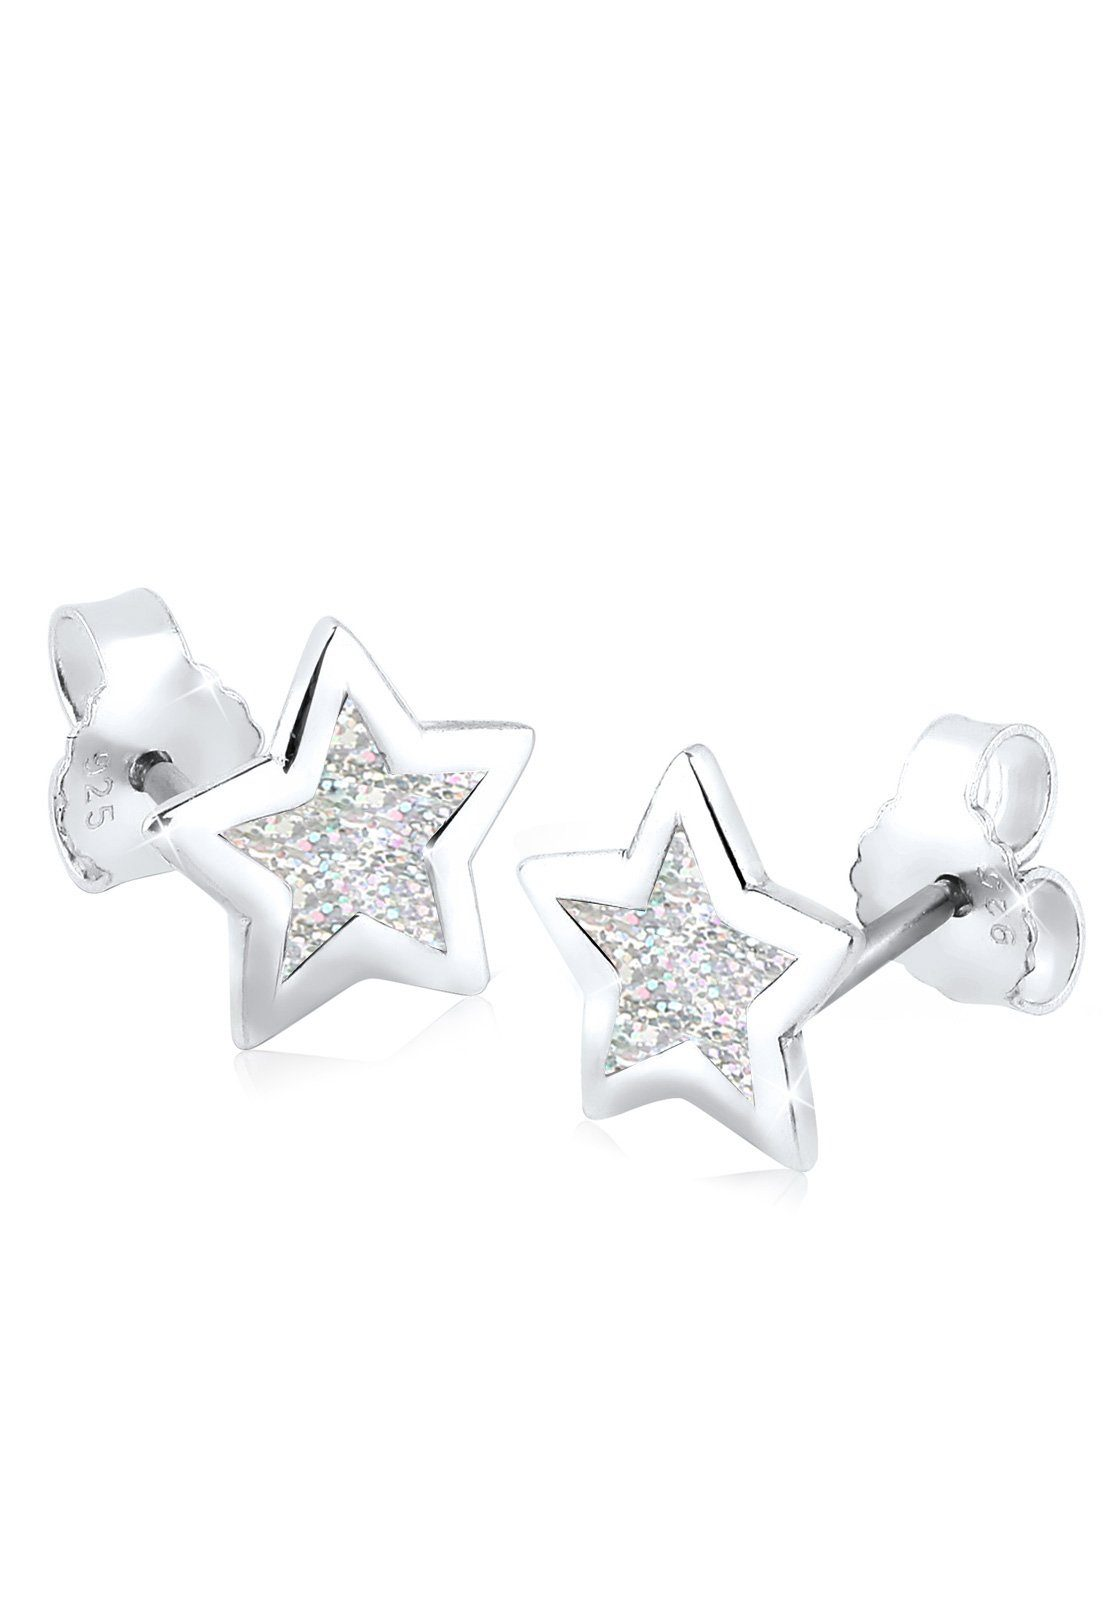 Elli Silber« Astro Online Kaufen »stern Emaille Ohrringe Trend 925 Filigran PukOXiZ